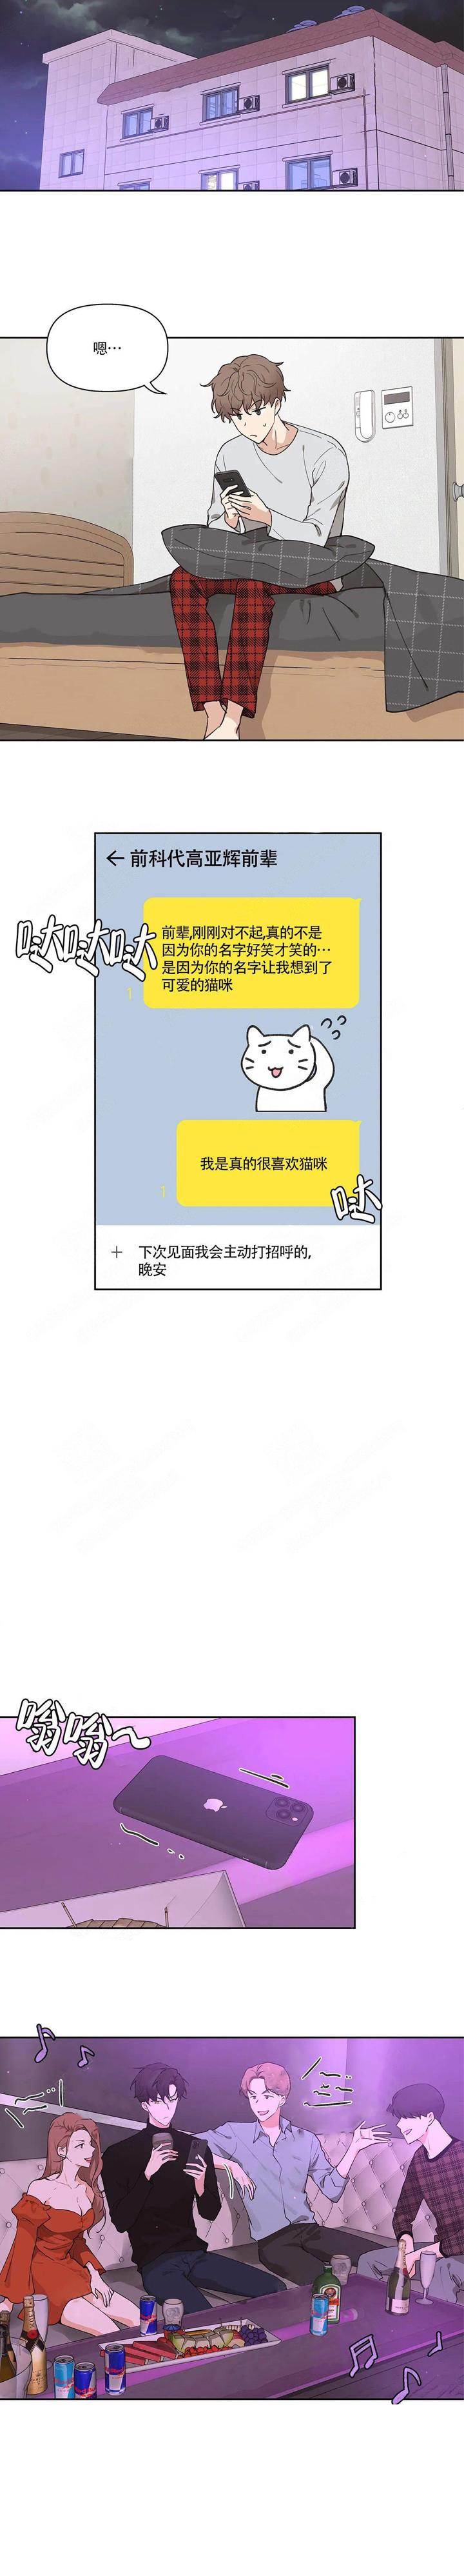 主人的私情-免费漫画在线阅读_最新连载更新至75话-啵乐漫画